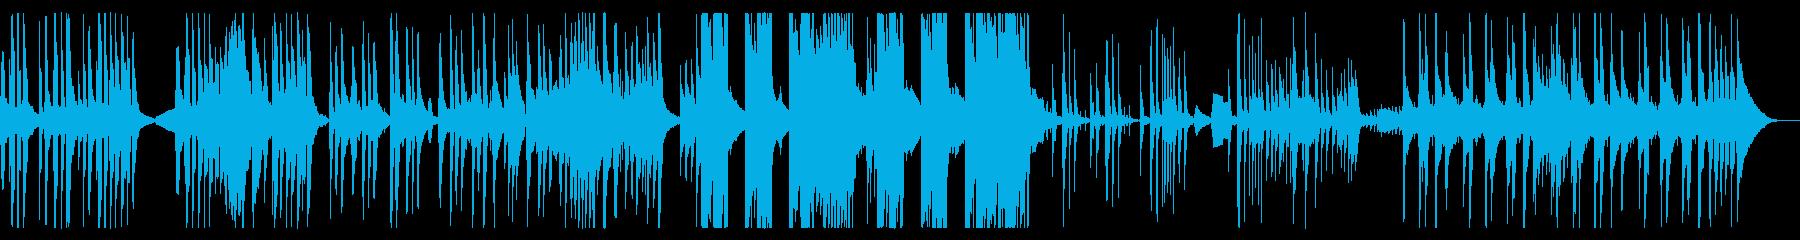 暗くややコミカルなファンタジー楽曲の再生済みの波形